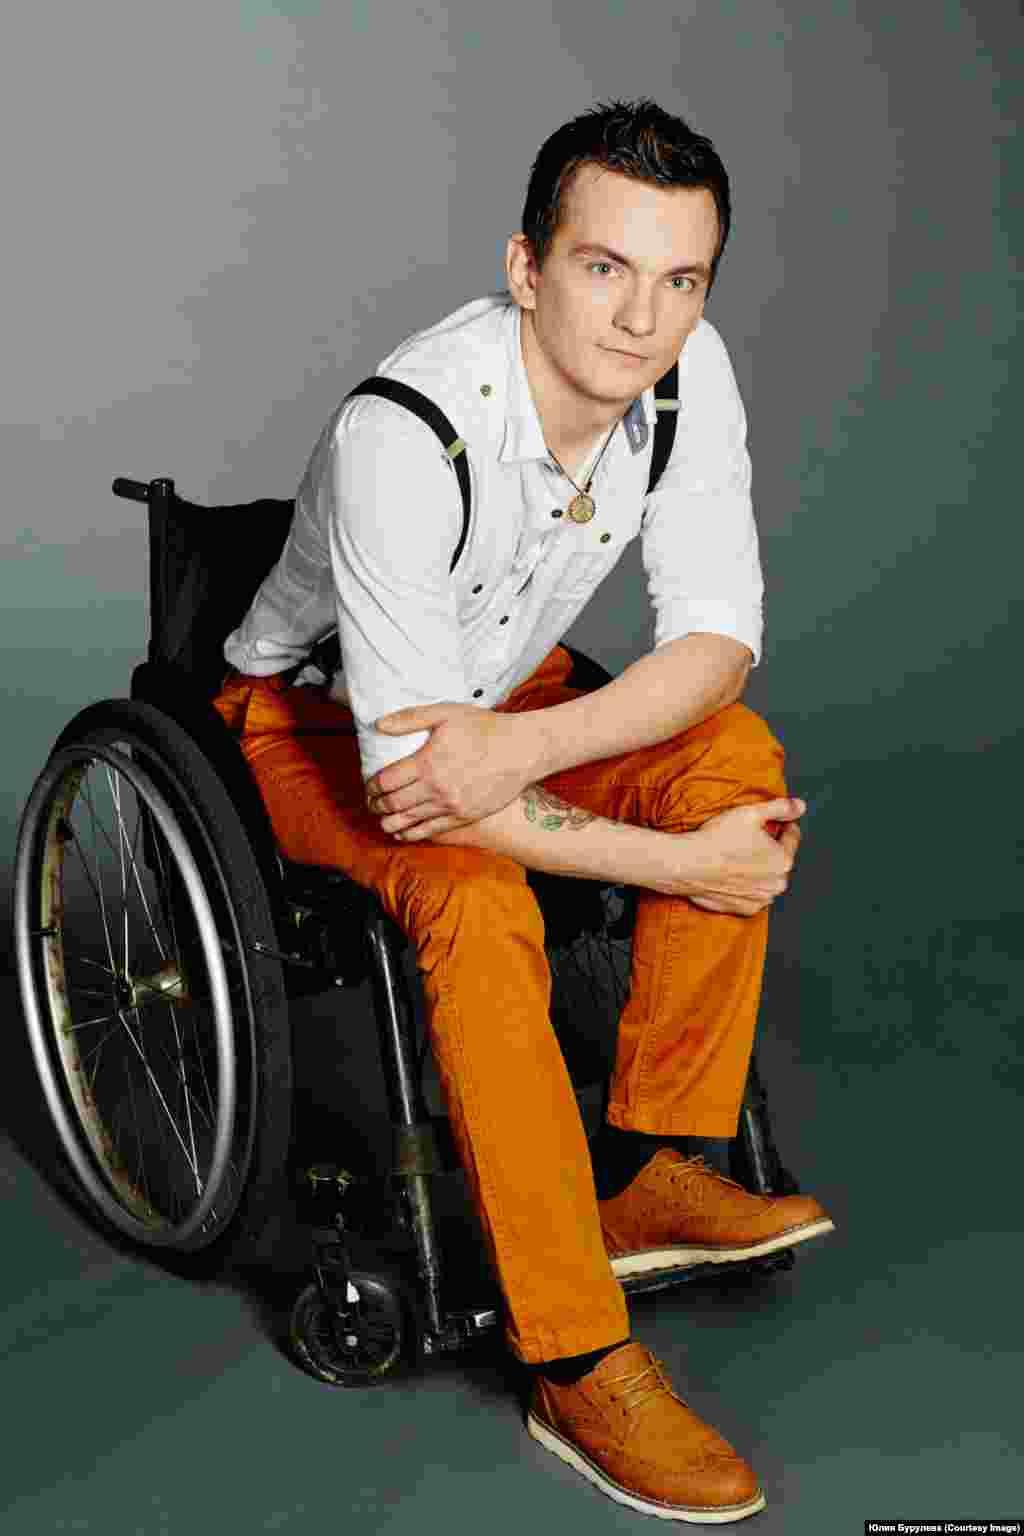 Владимир Кузнецов: «Общество зачастую не хочет принимать во внимание тот факт, что инвалиды –это молодой, перспективный и целеустремленный пласт населения, поэтому мы должны сами заявлять об этом».